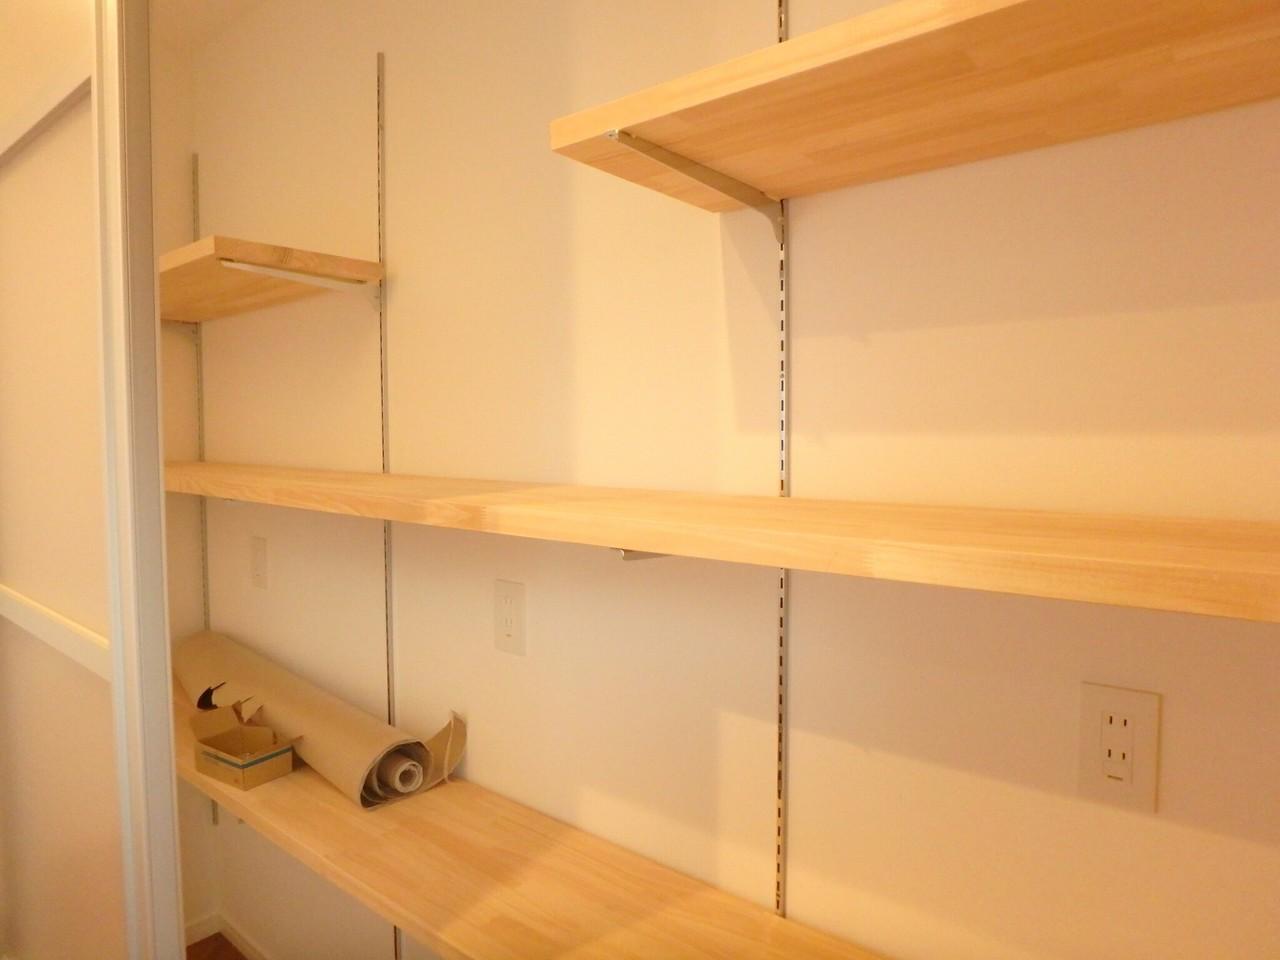 キッチン後方に設置されている収納スペースです。 棚の高さがお好みに応じて移動できるので、素敵にレイアウトできますね♪ 新しいカップボードを購入する必要もなさそうですね!